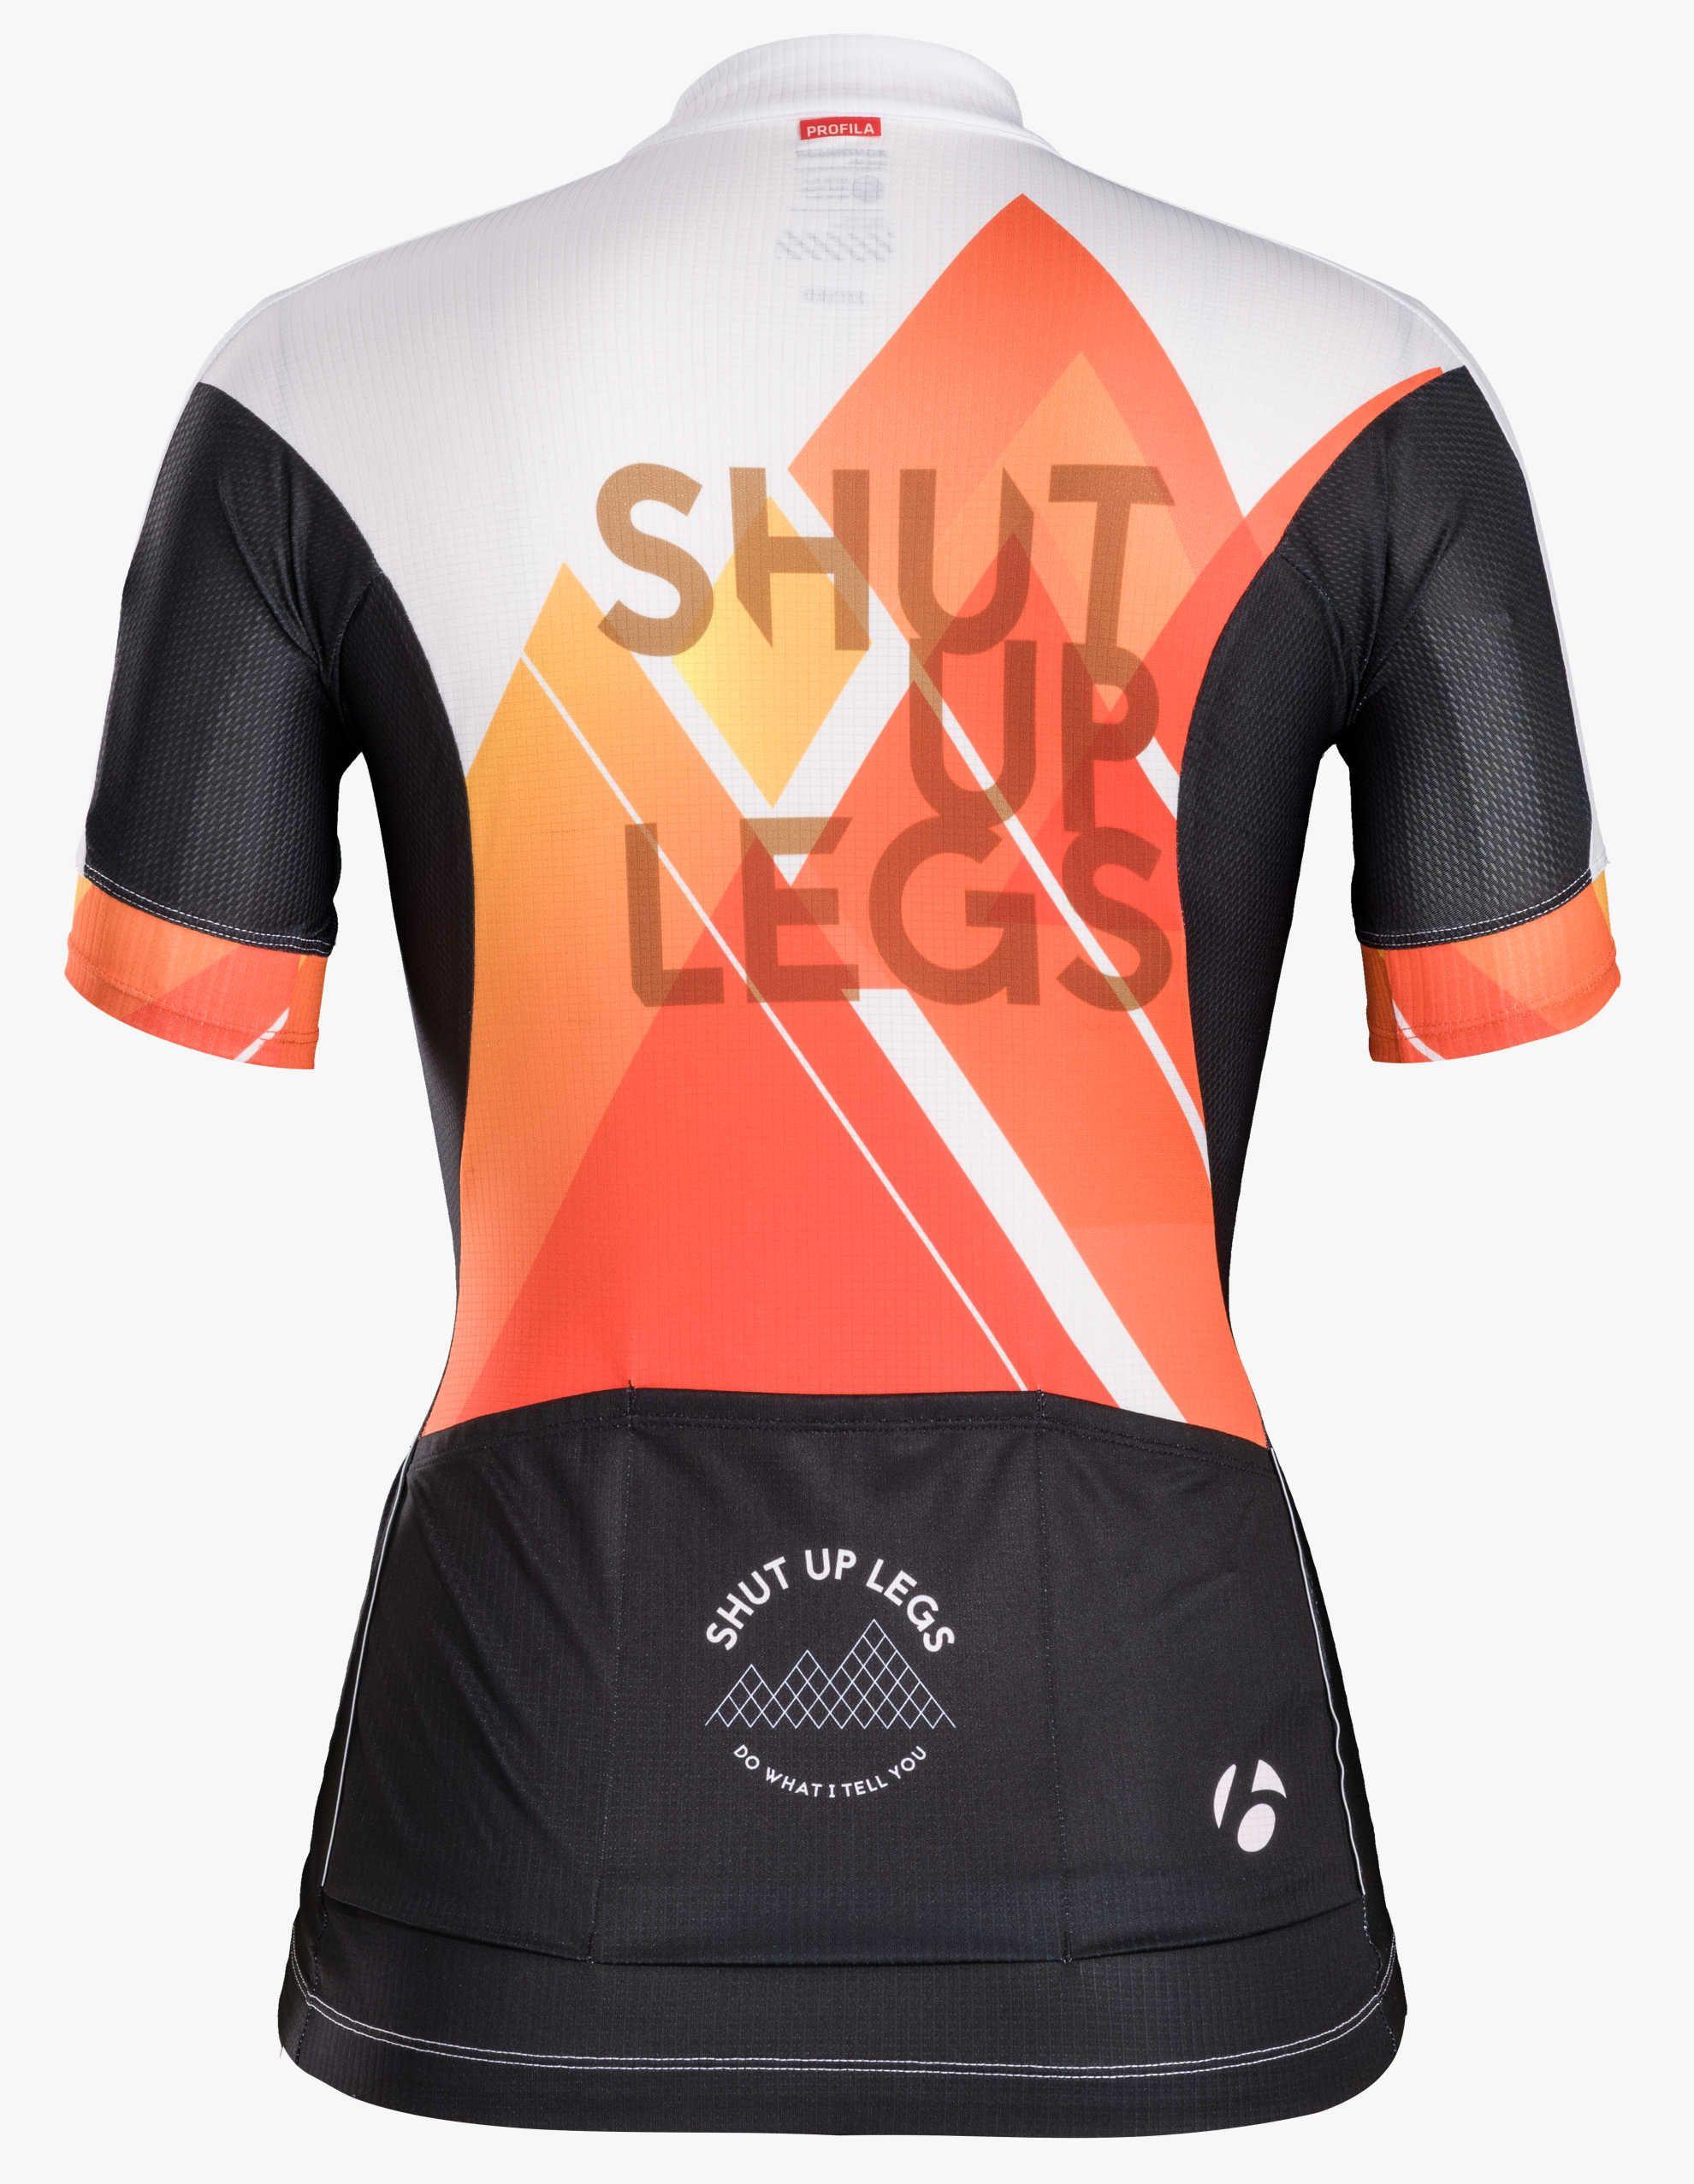 13732_B_2_Shut_Up_Legs_Womens_Jersey.jpg